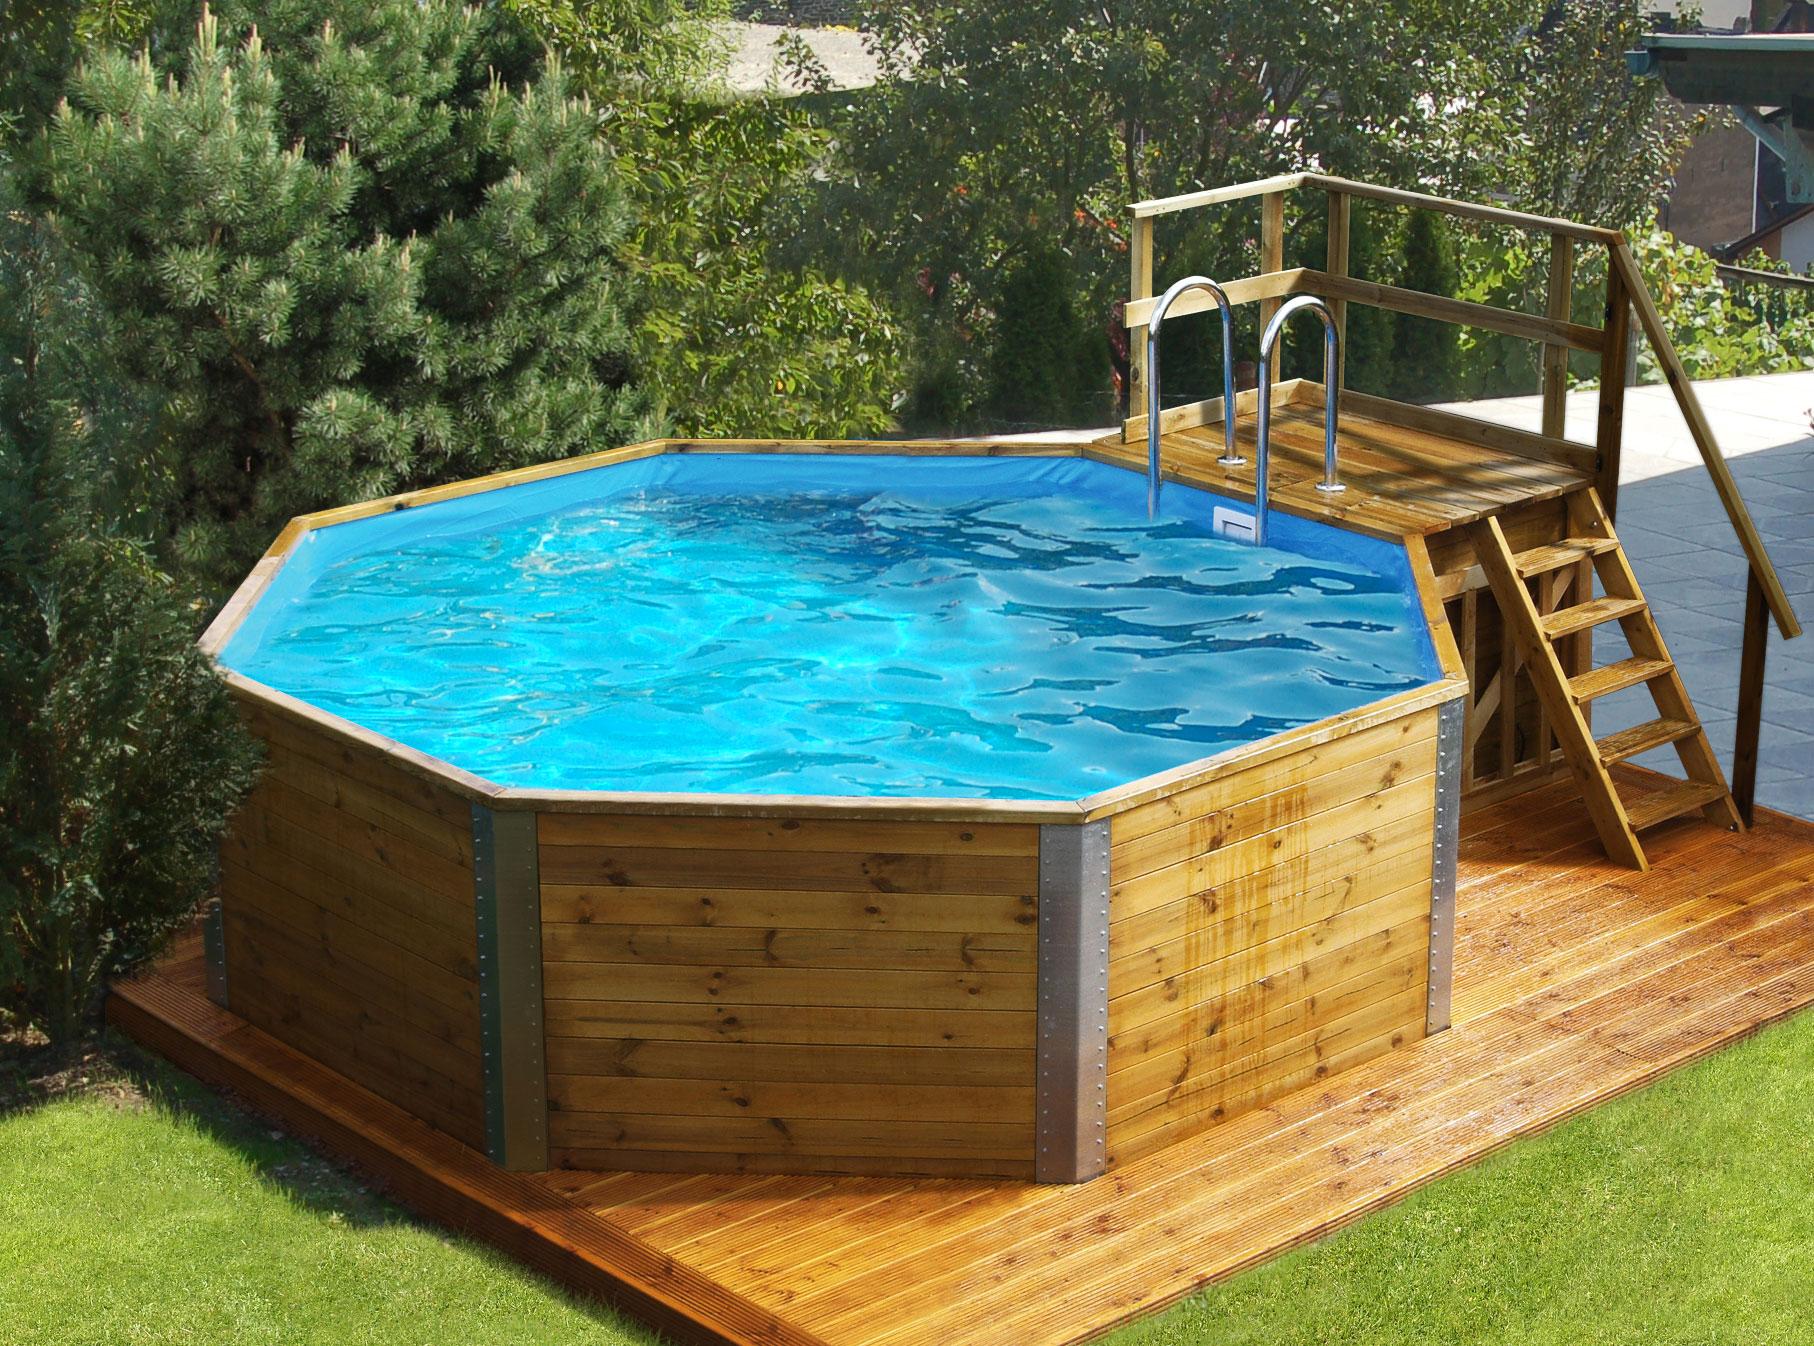 massivholz schwimmbad weka 593 b gr 1 sparset 476x376 397cm bei. Black Bedroom Furniture Sets. Home Design Ideas